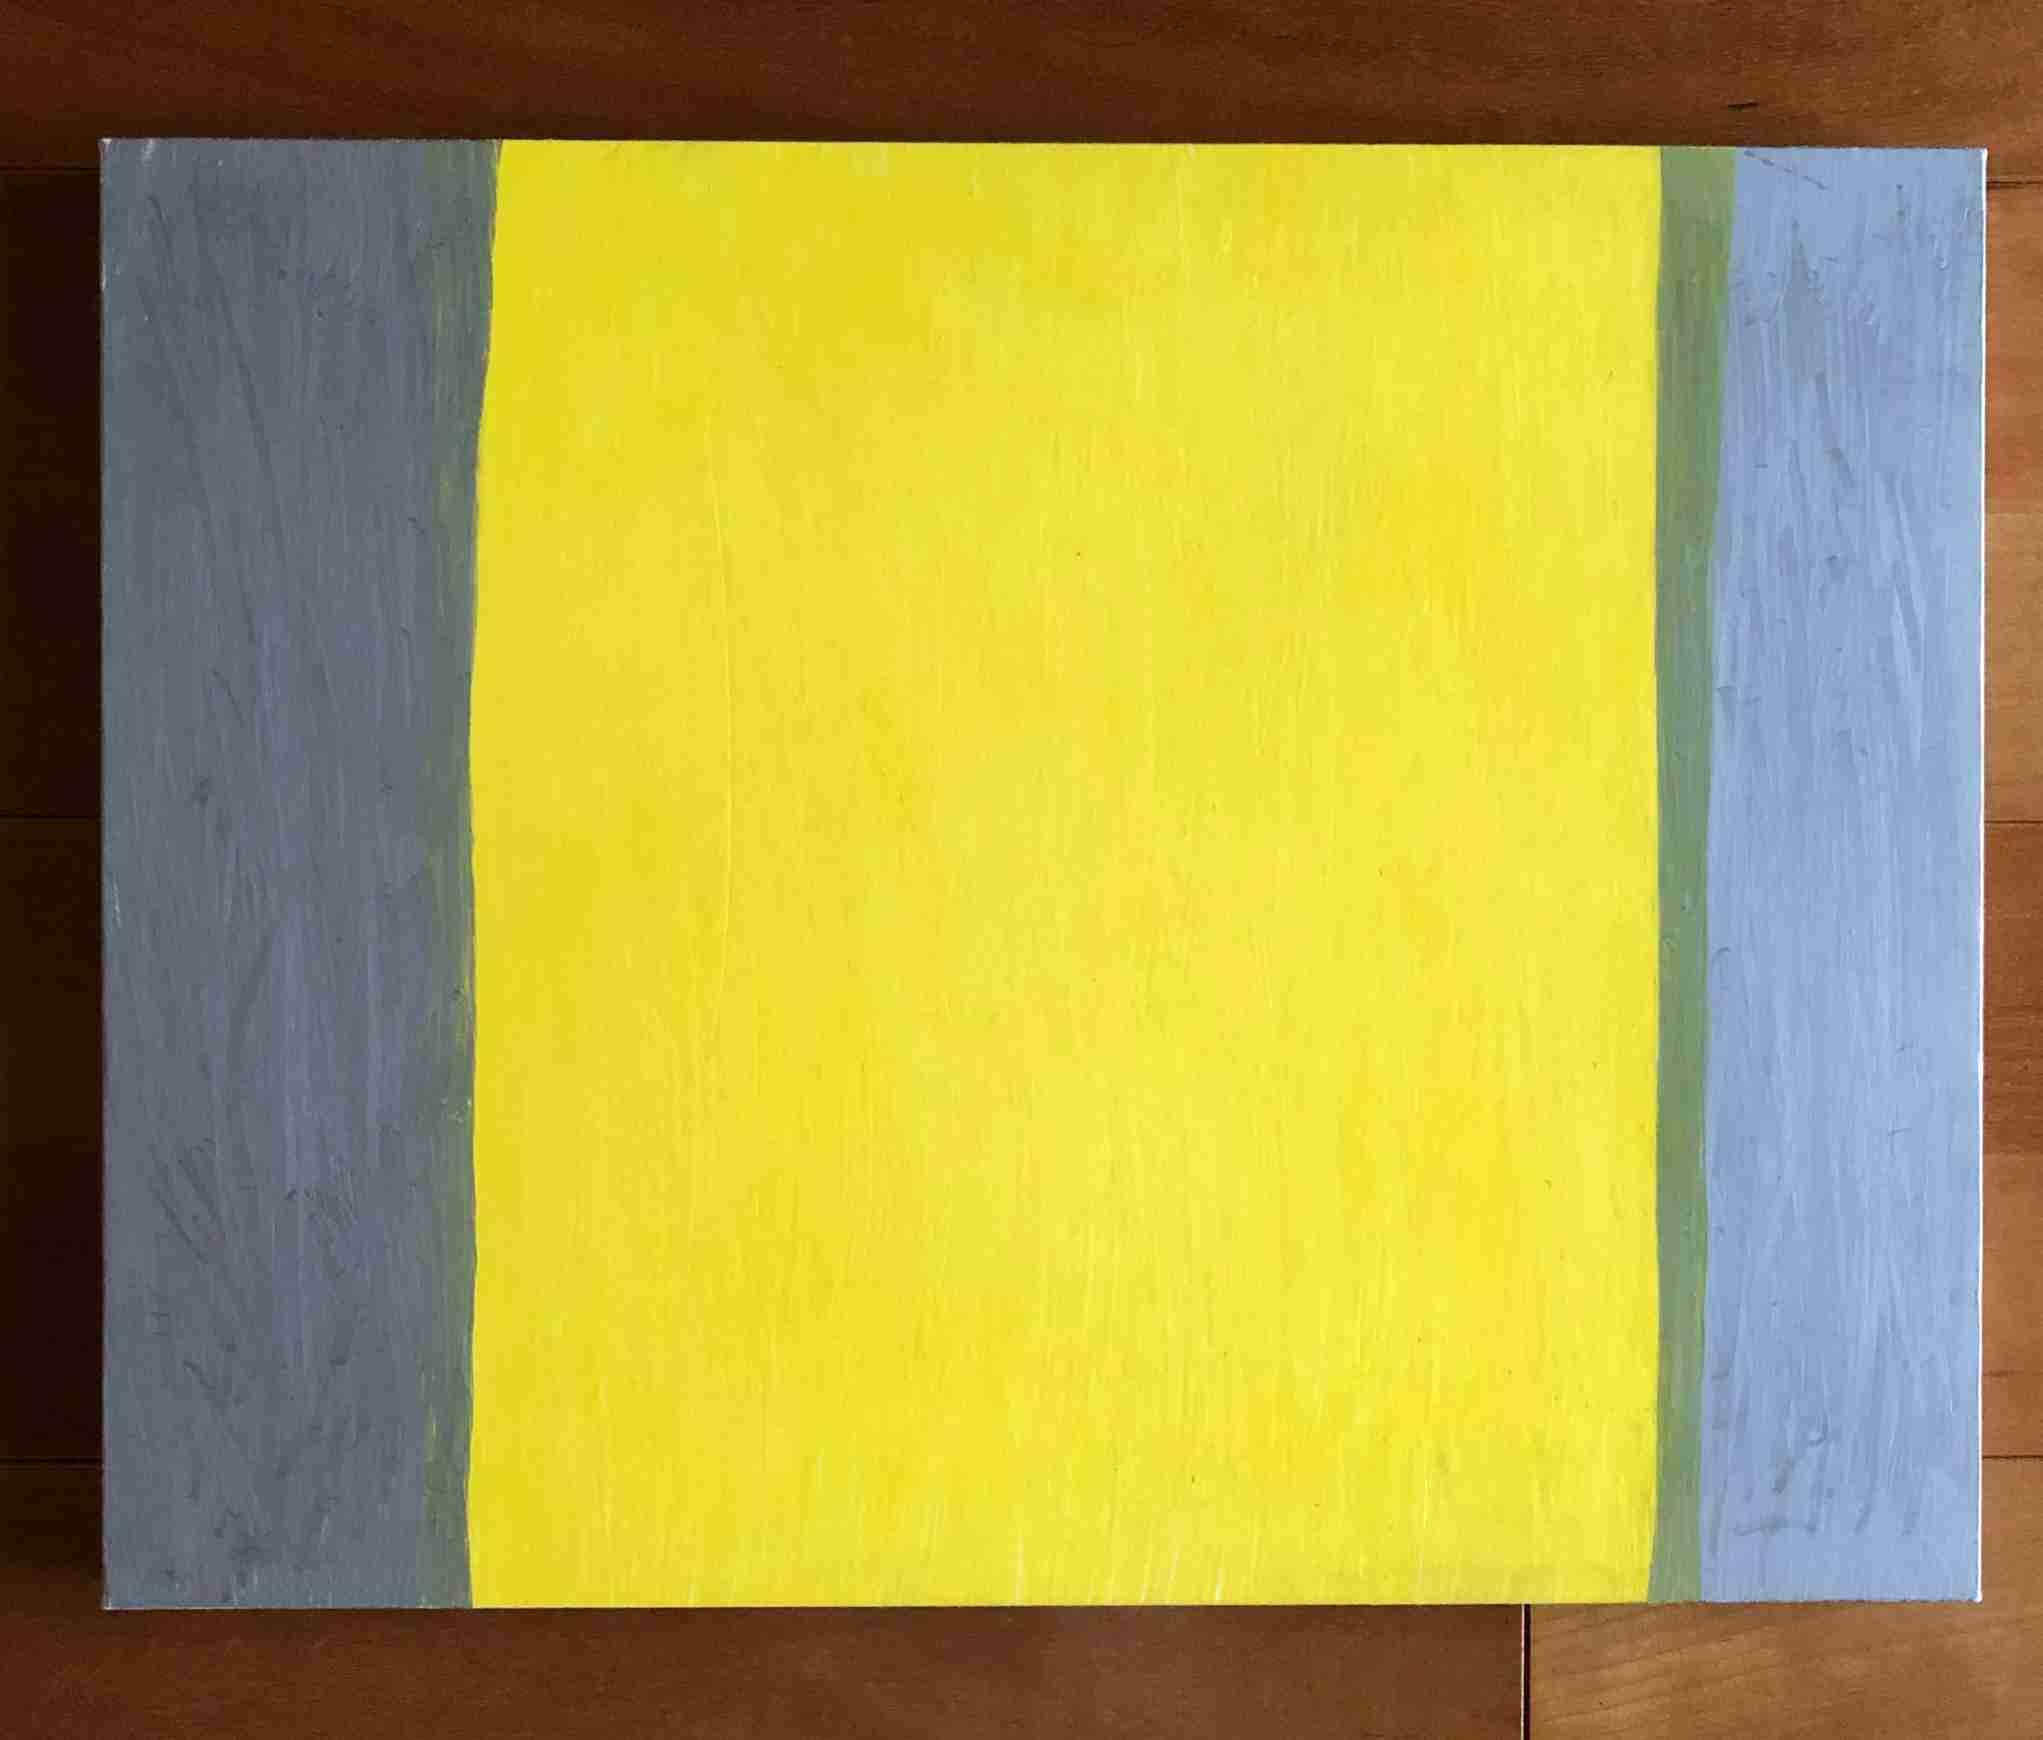 Silver/Lemon yellow